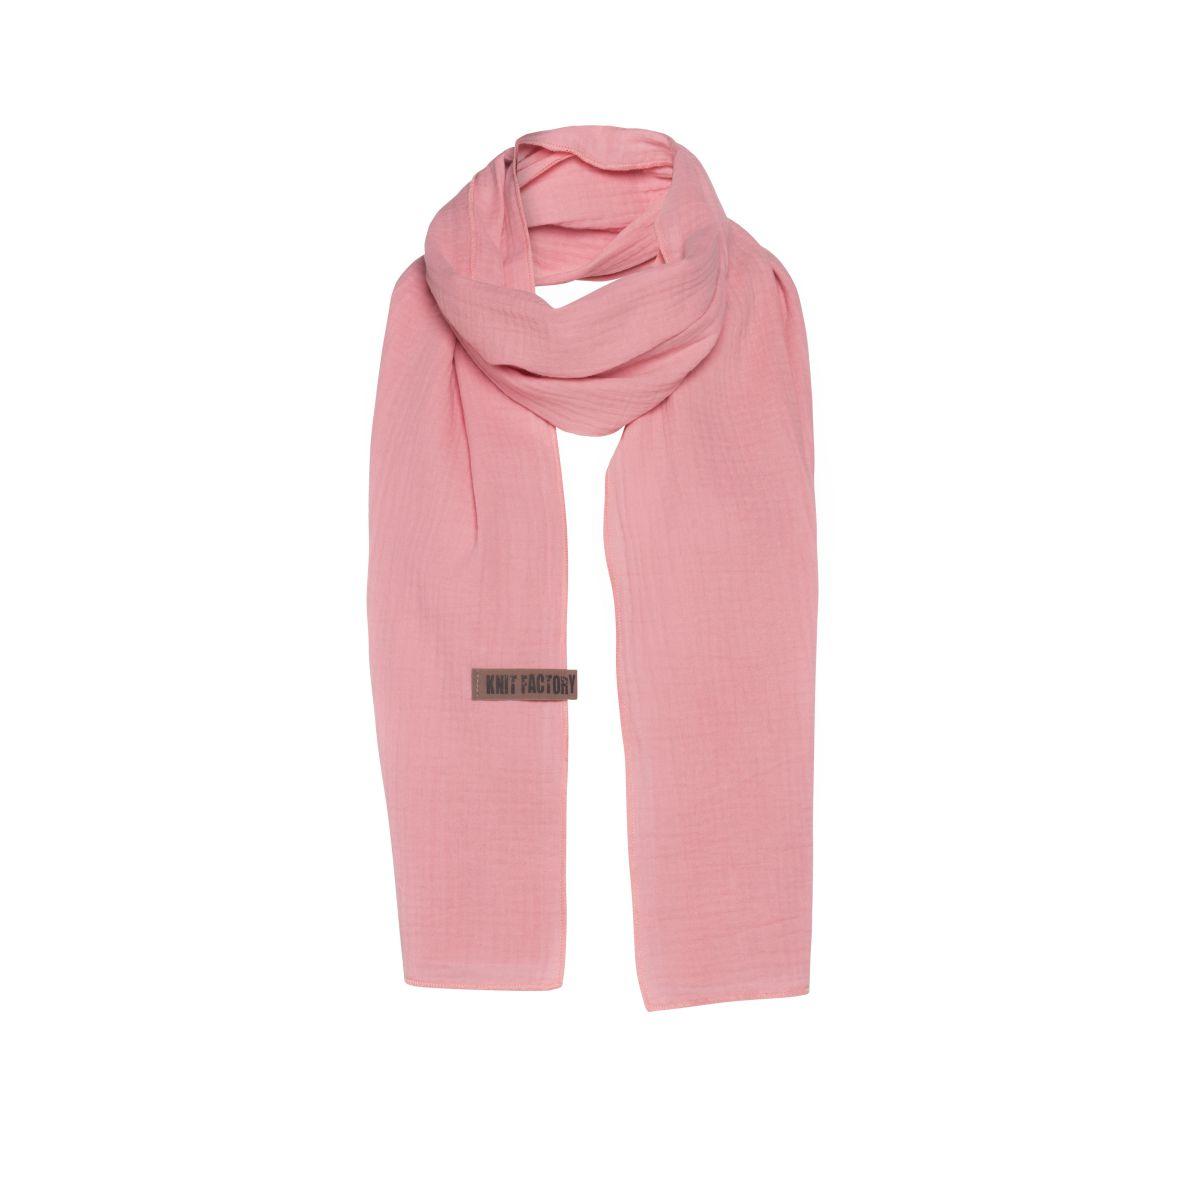 knit factory 1286521 liv sjaal roze 1